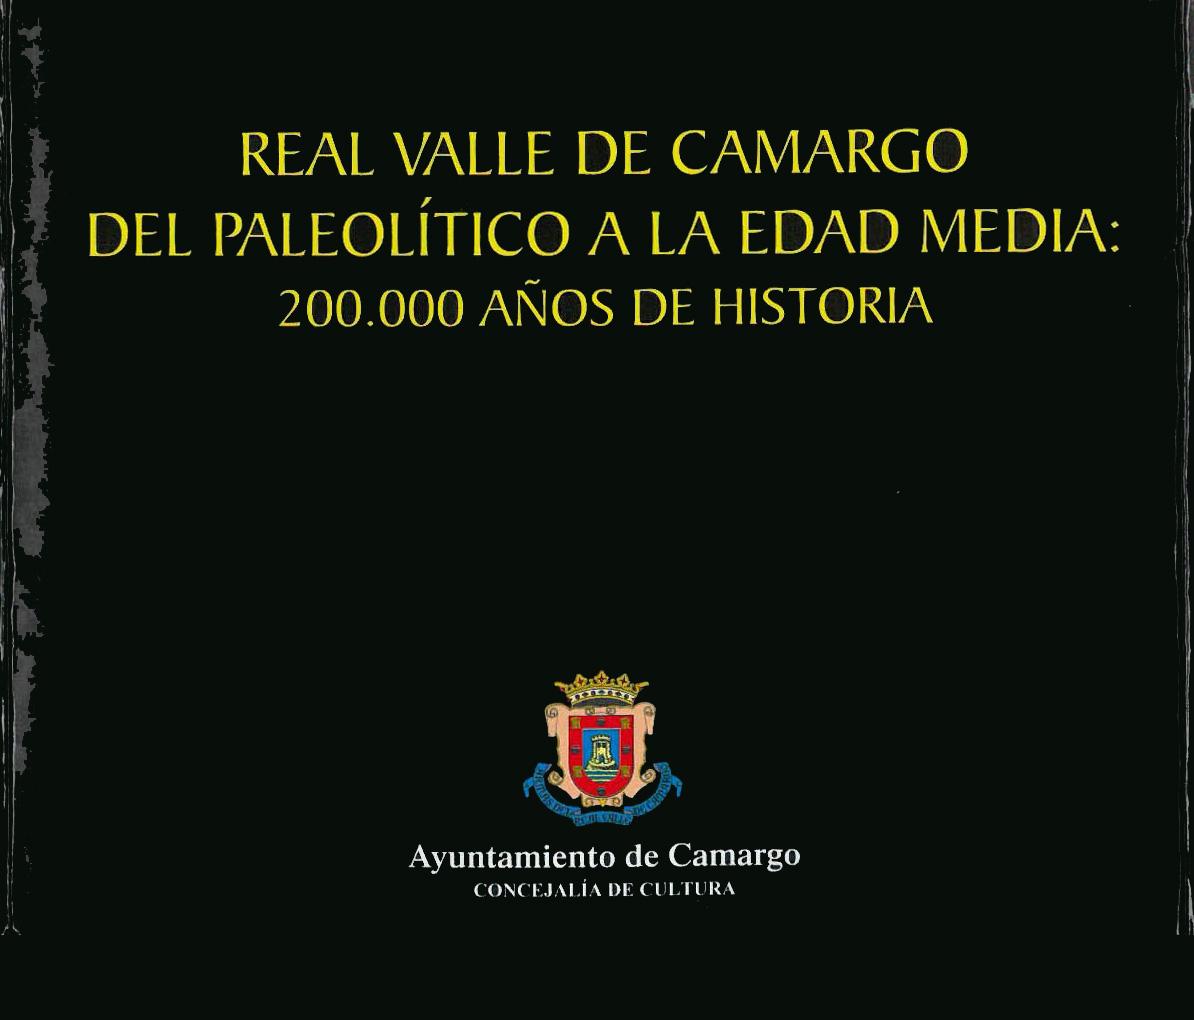 Real Valle de Camargo del Paleolítico a la Edad Media